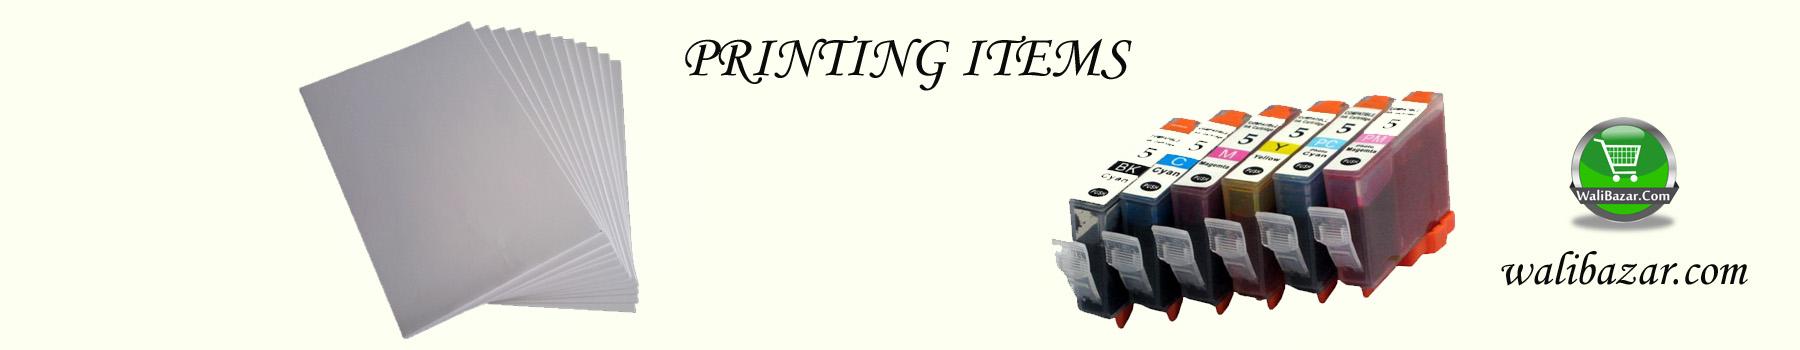 PRINTING ITEMS